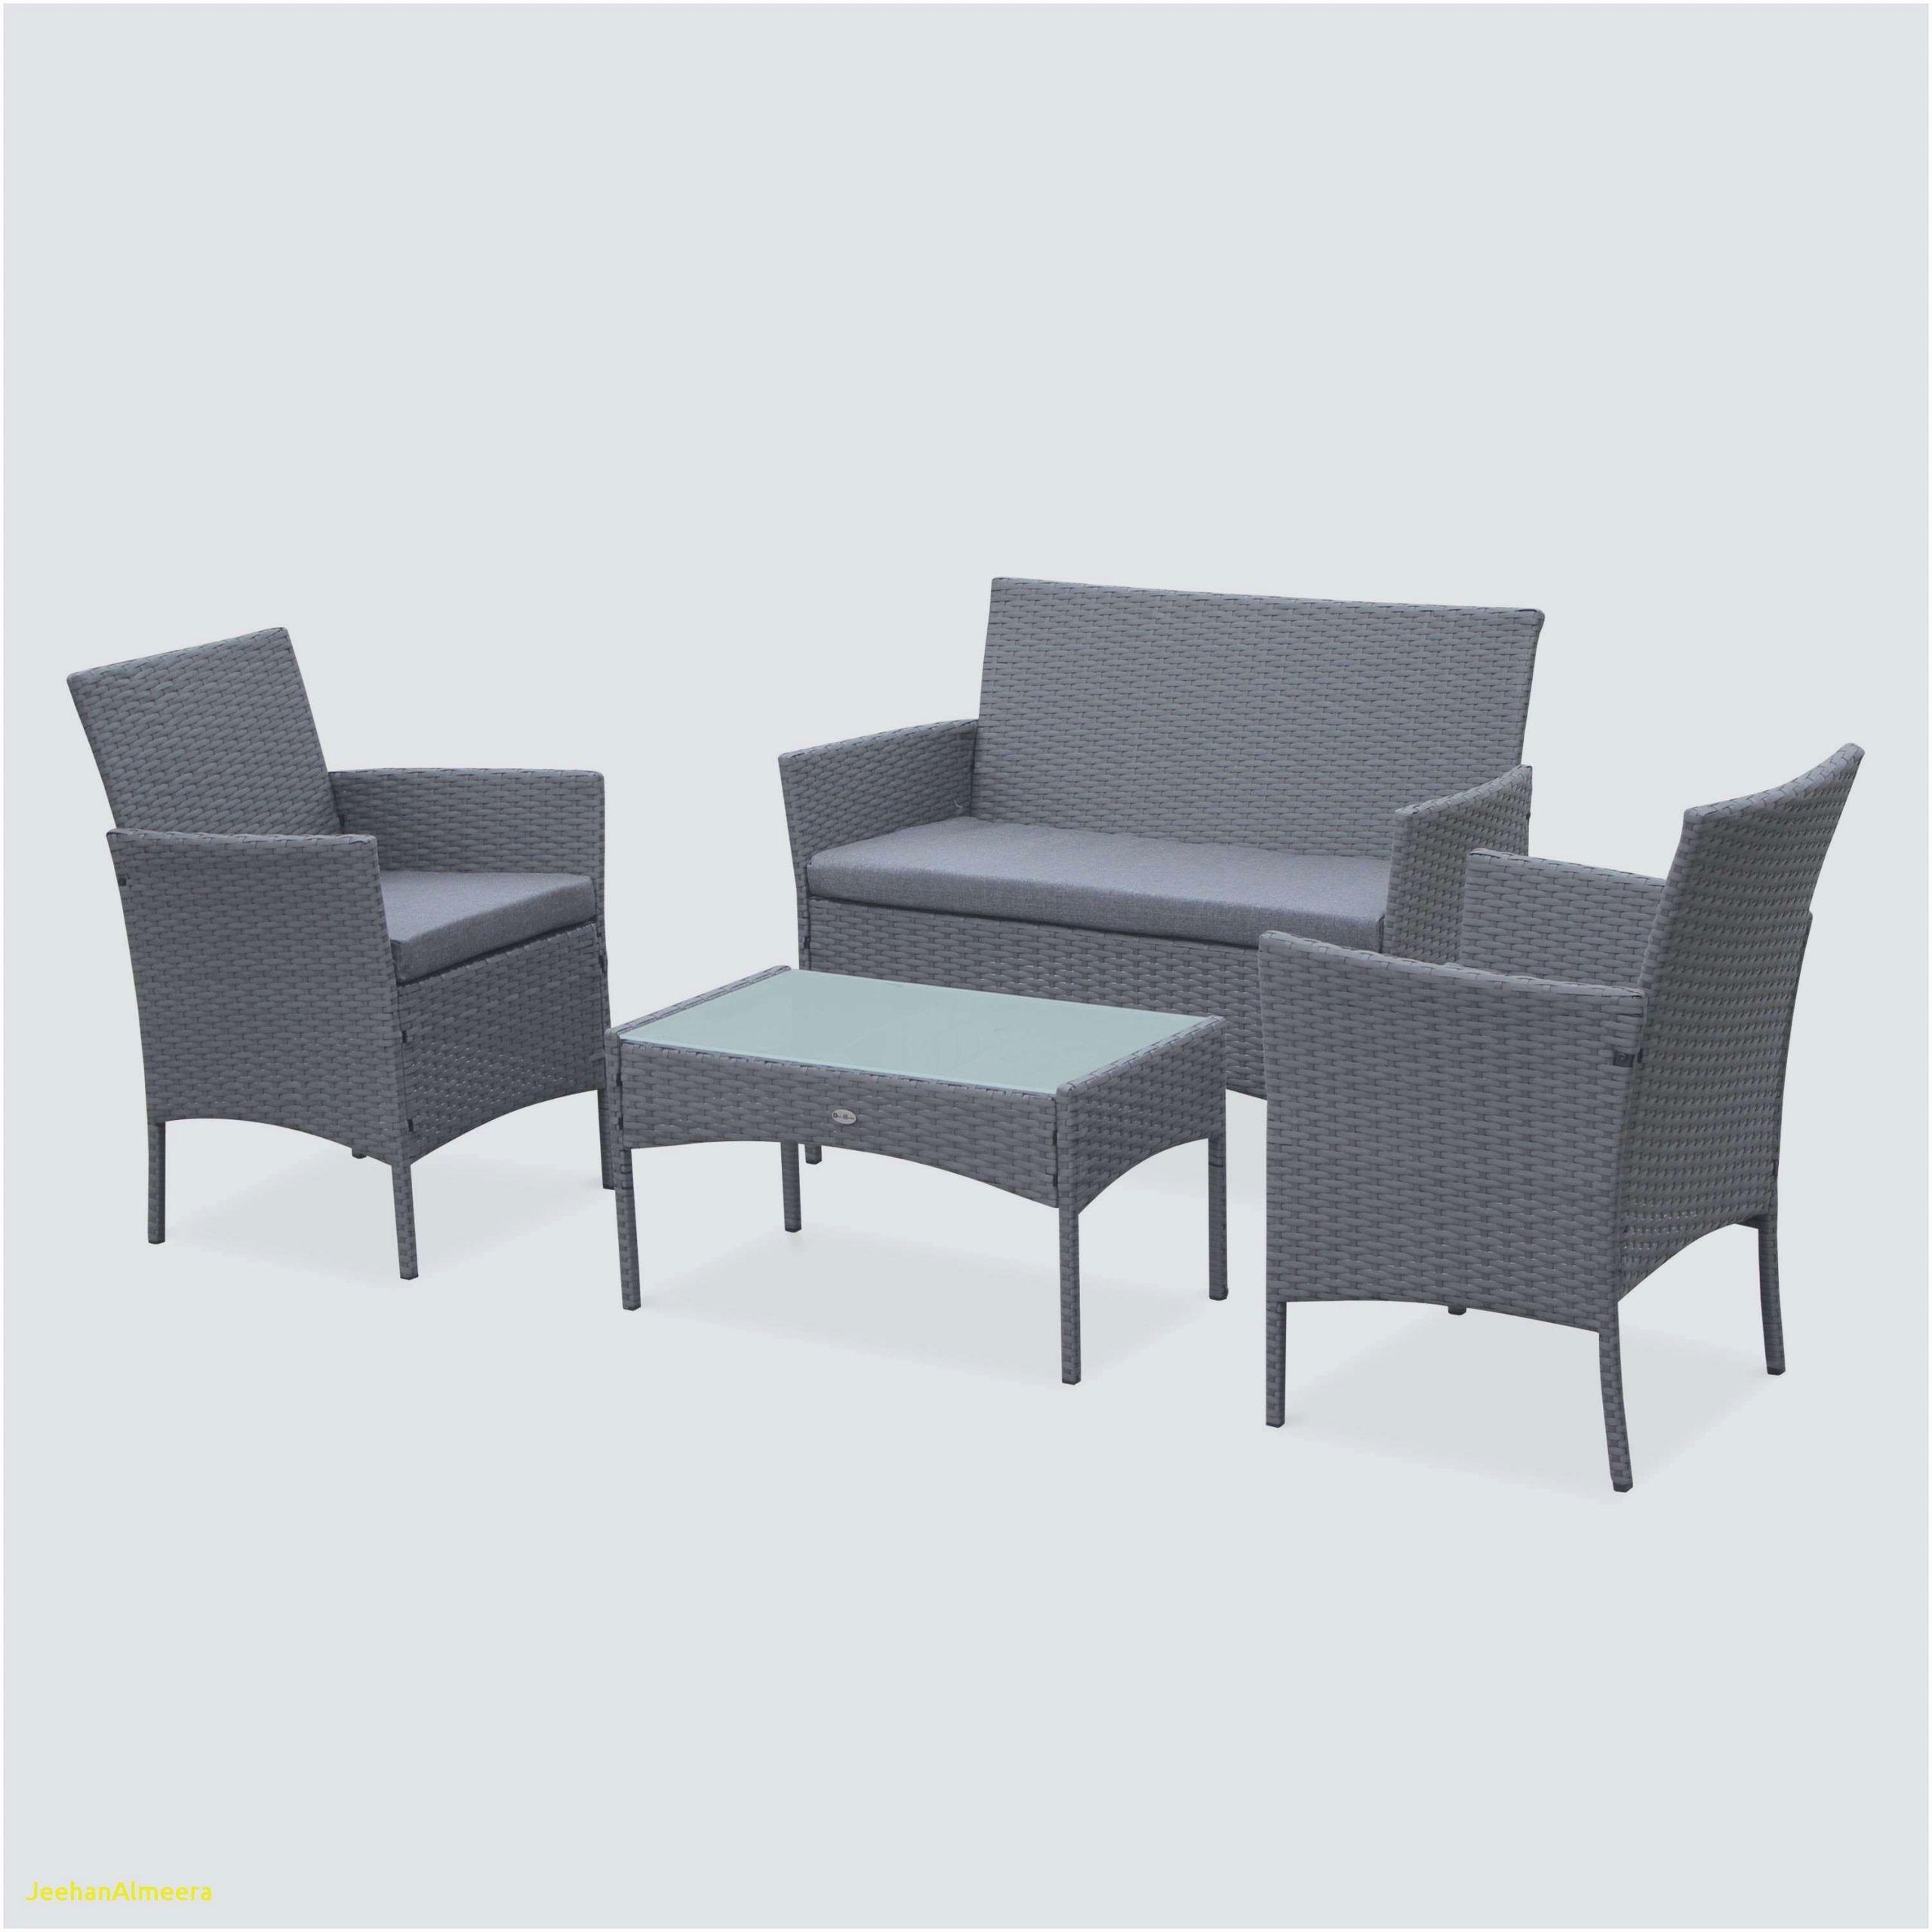 chaise de jardin truffaut elegant nouveau table de jardin plastique elegant chaise et table de jardin of chaise de jardin truffaut